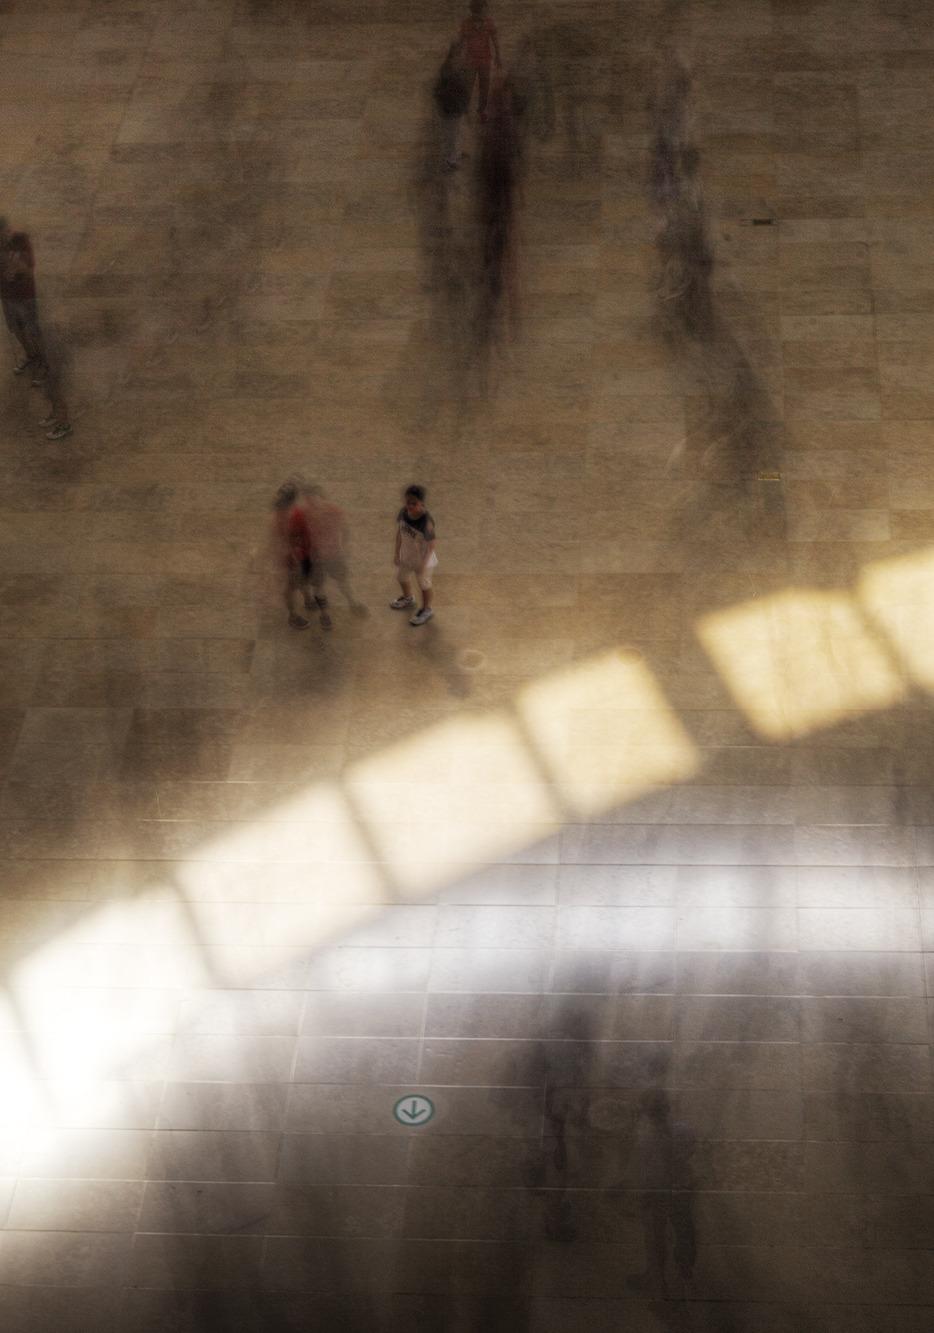 휴일 오후도 바삐오가는 사람들을 담은 장노출 사진.